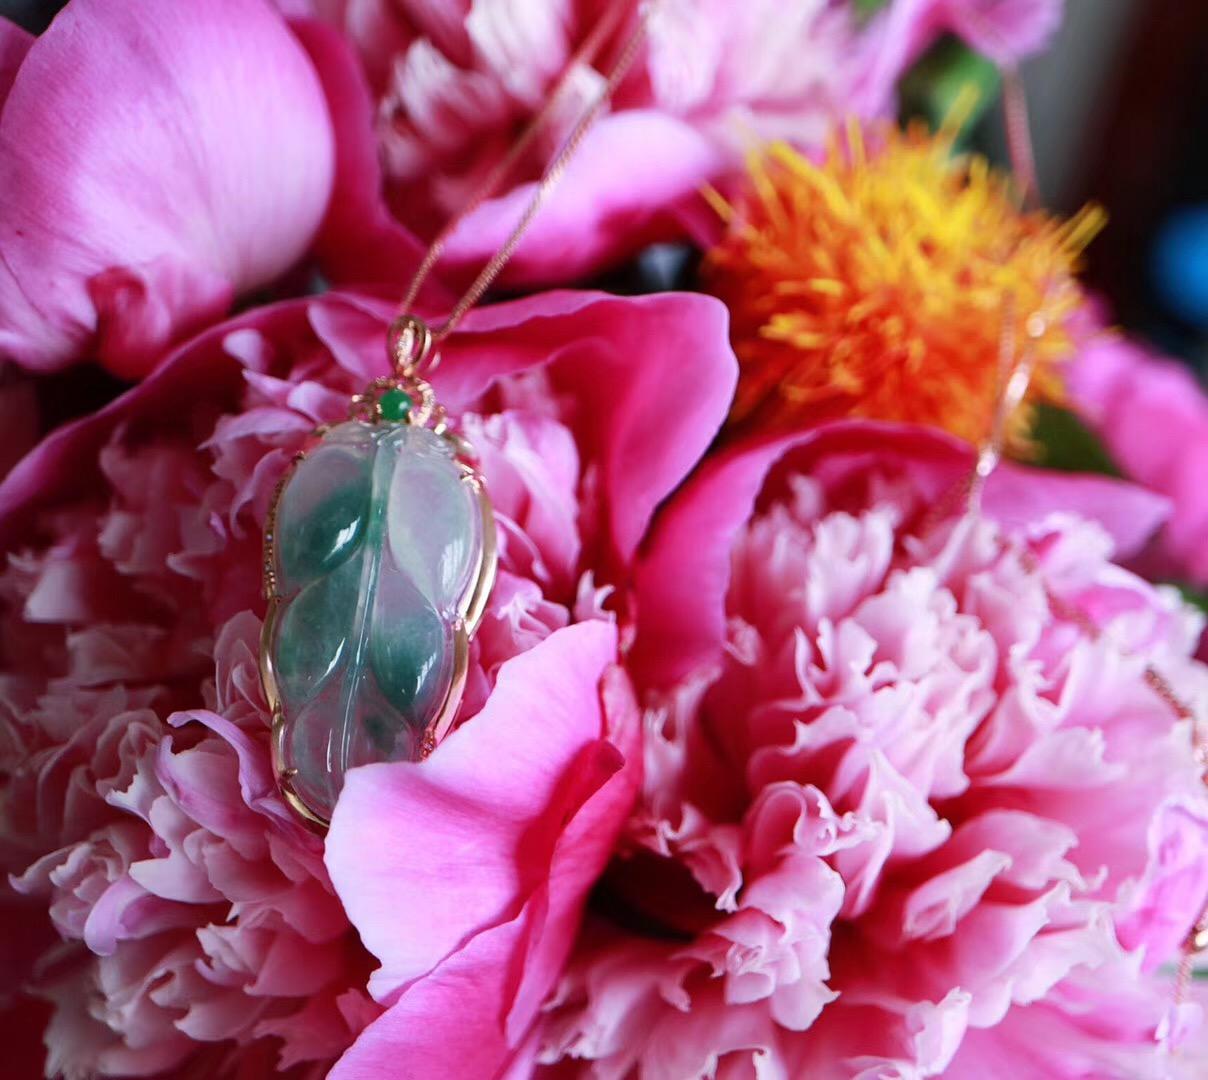 【菩心|翡翠】挑选可以代表初夏颜色的翡翠也是一件趣事-菩心晶舍